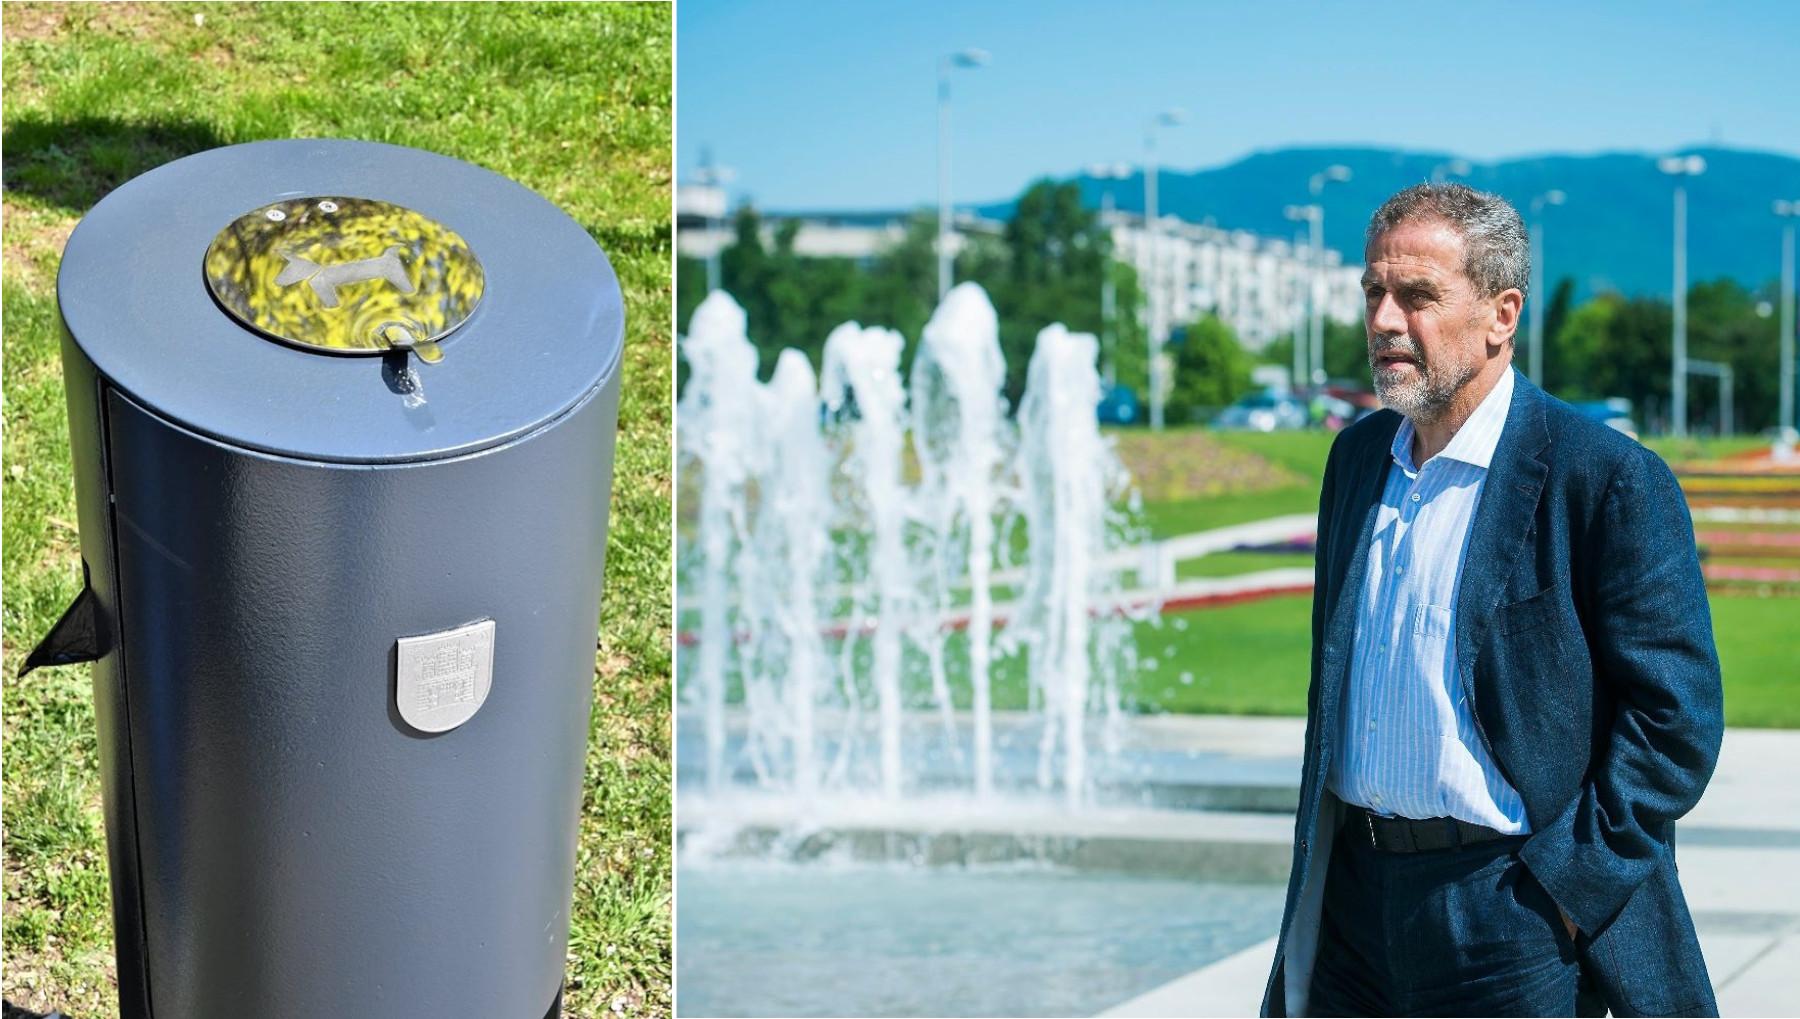 Milan Bandić i nove kante za smeće